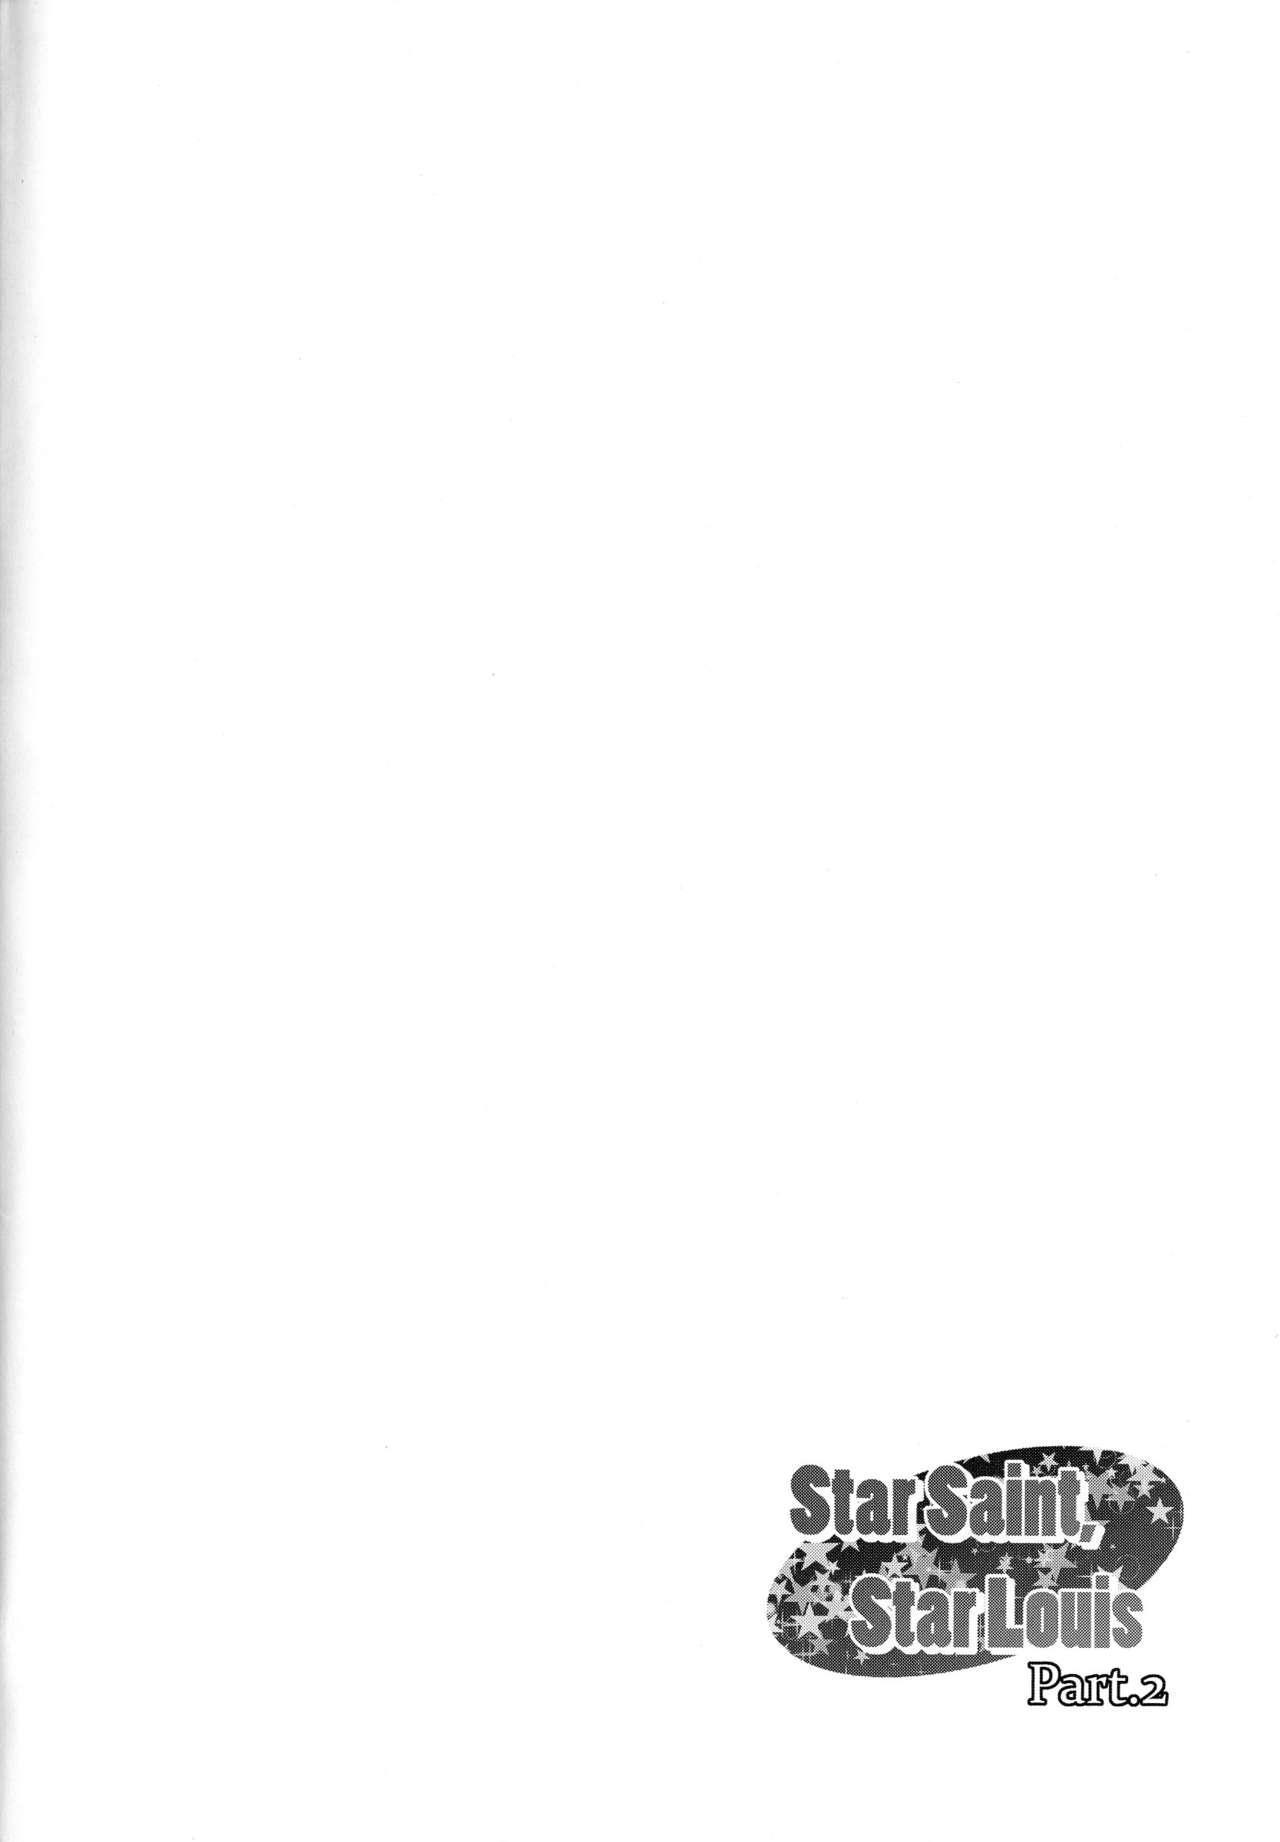 Star Saint, Star Louis part.2 2